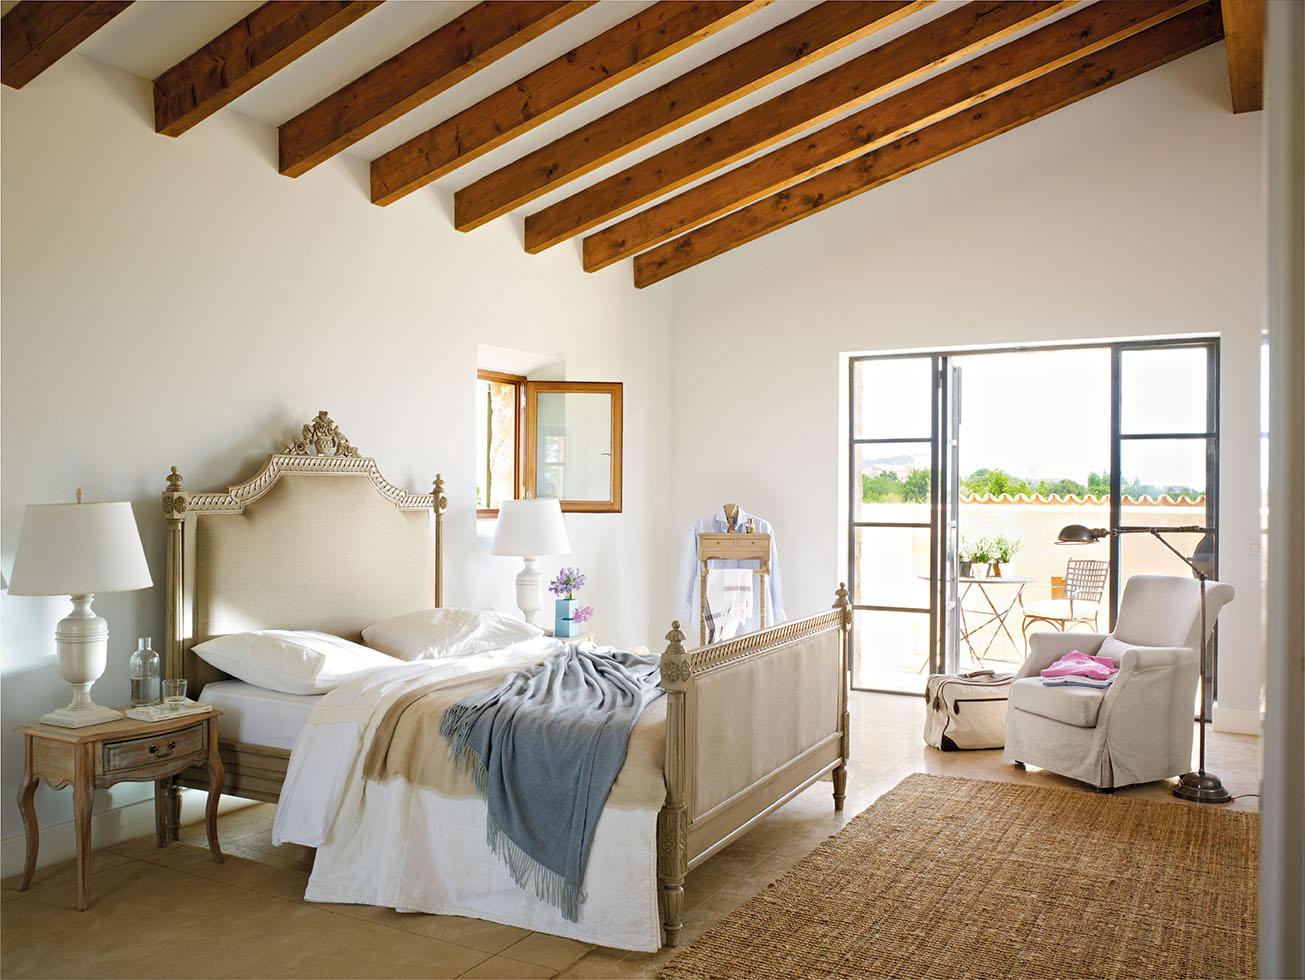 00323771. Dormitorio principal con vigas de madera y mobiliario en un estilo clásico_00323771